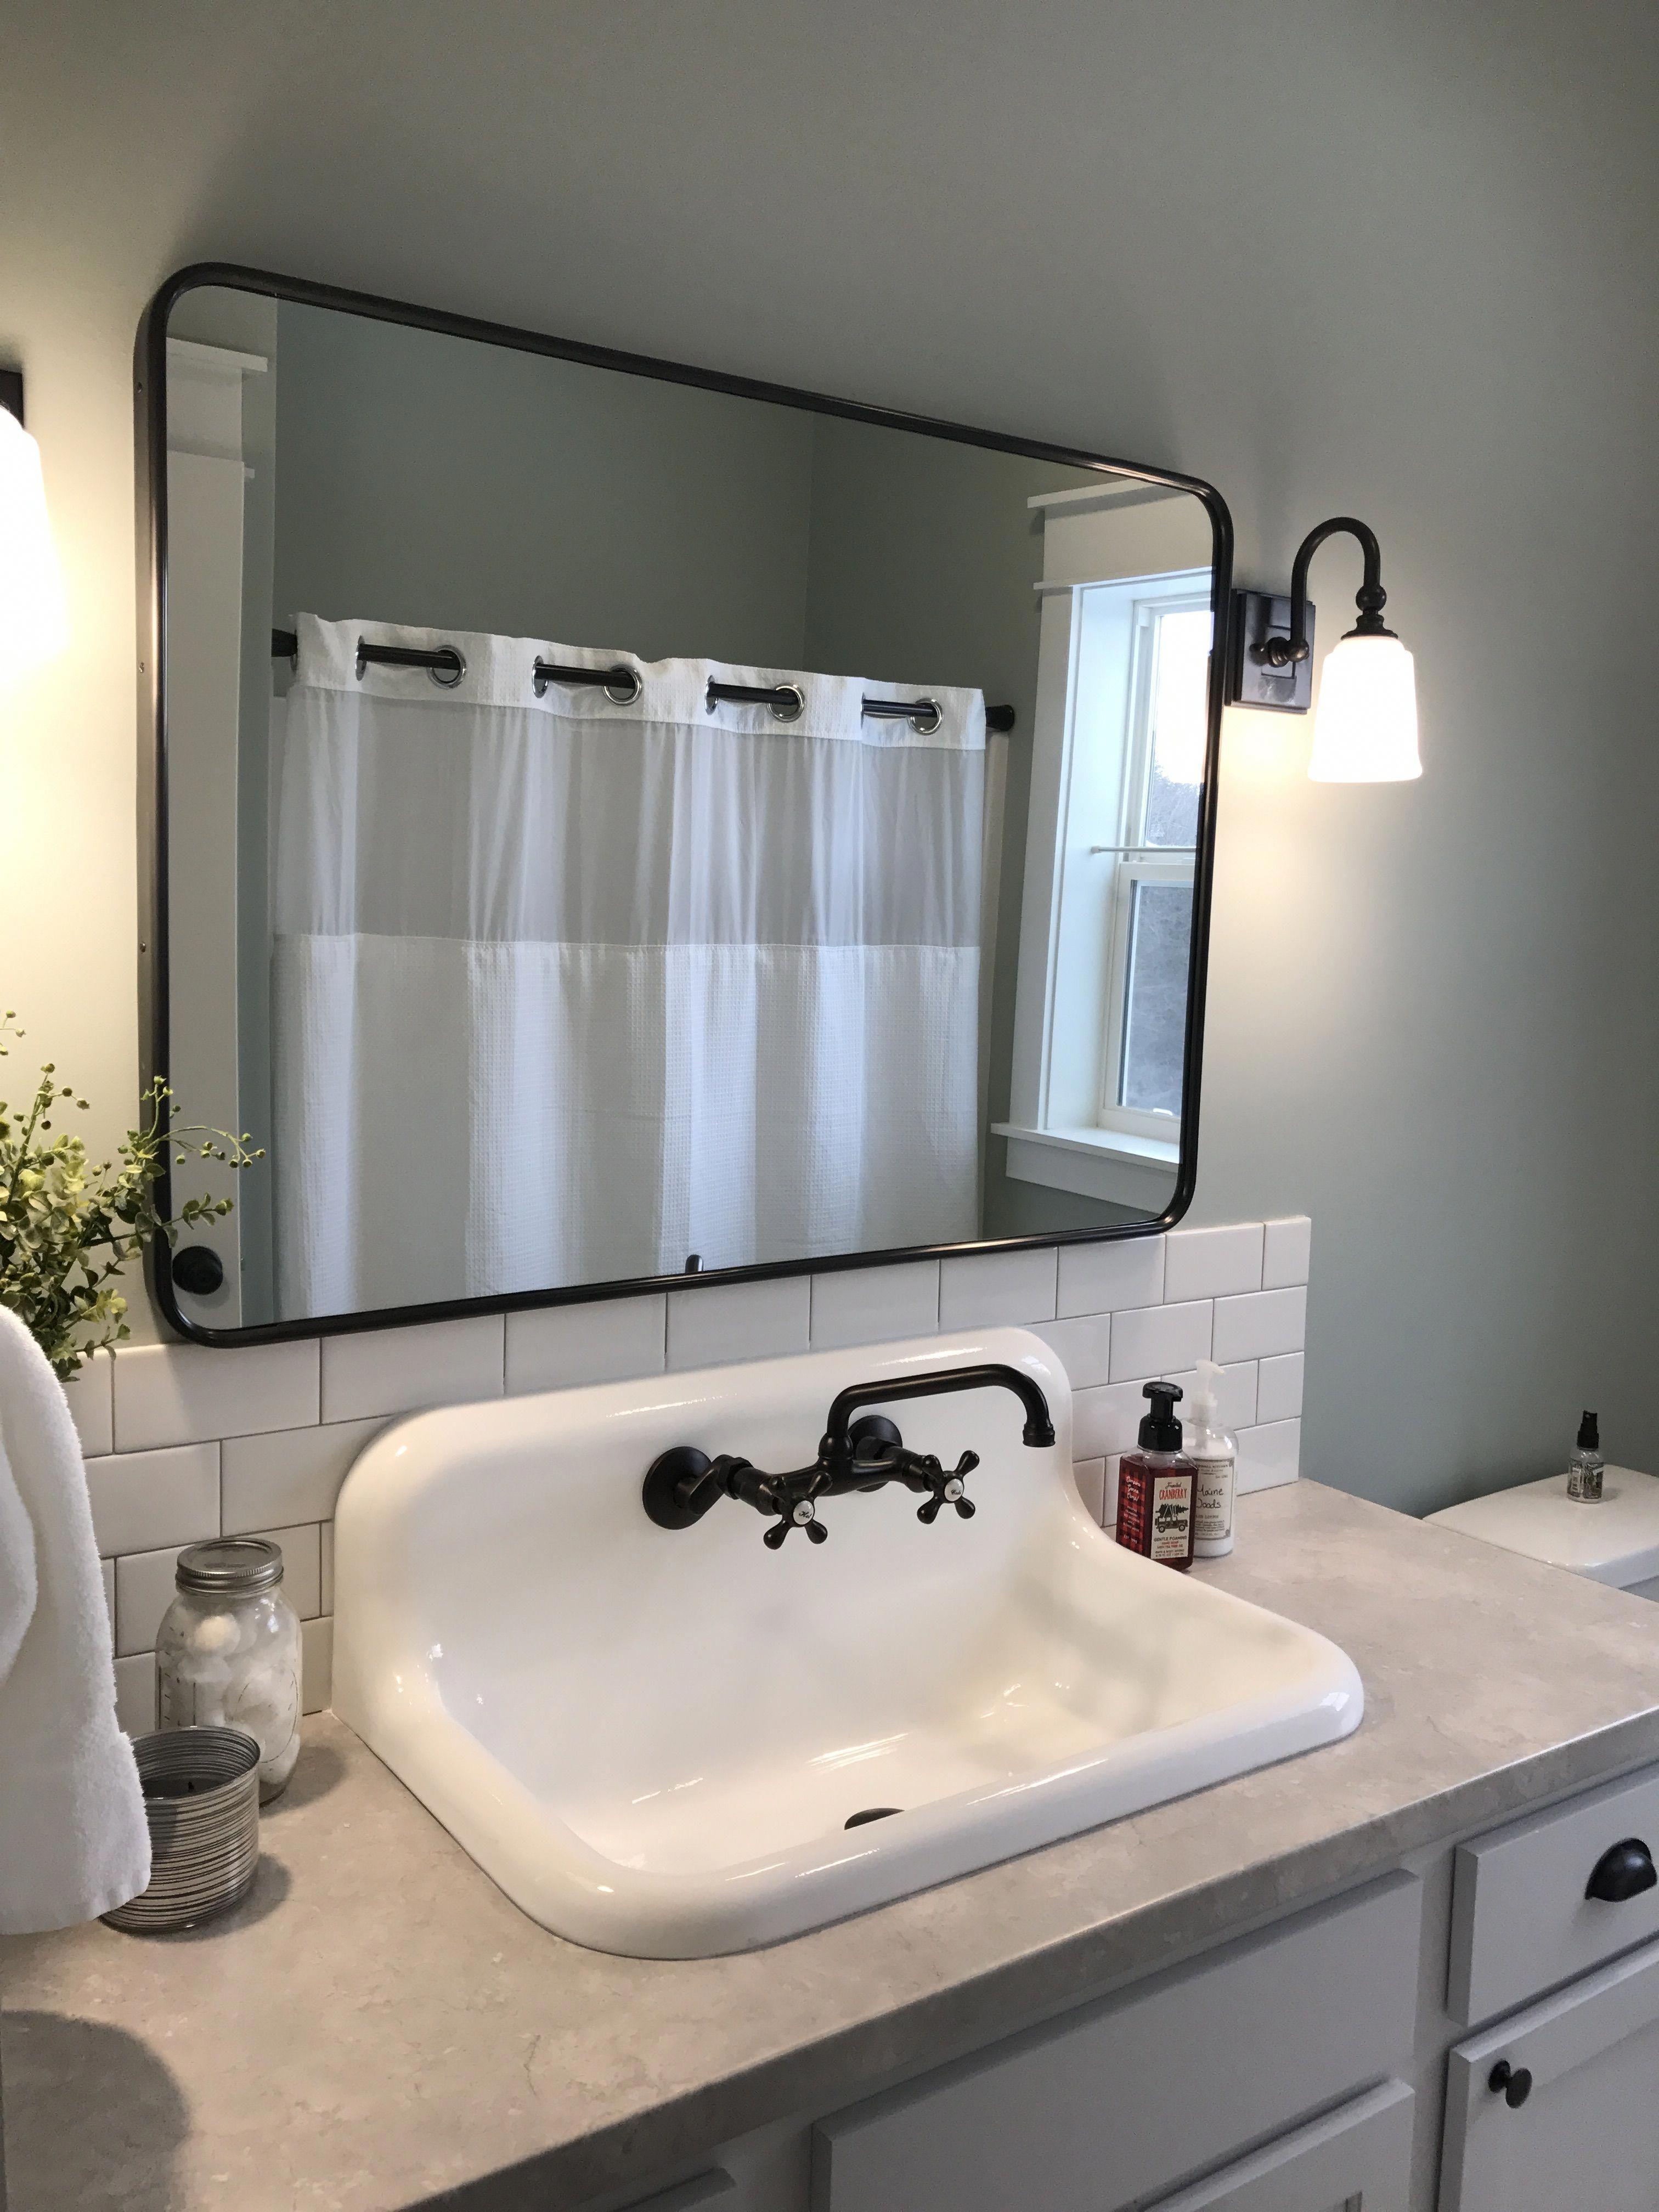 Farmhouse Bathroom With High Back Cast Iron Sink Farmhouse Bathroom Sink Diy Sink Vanity Unique Bathroom